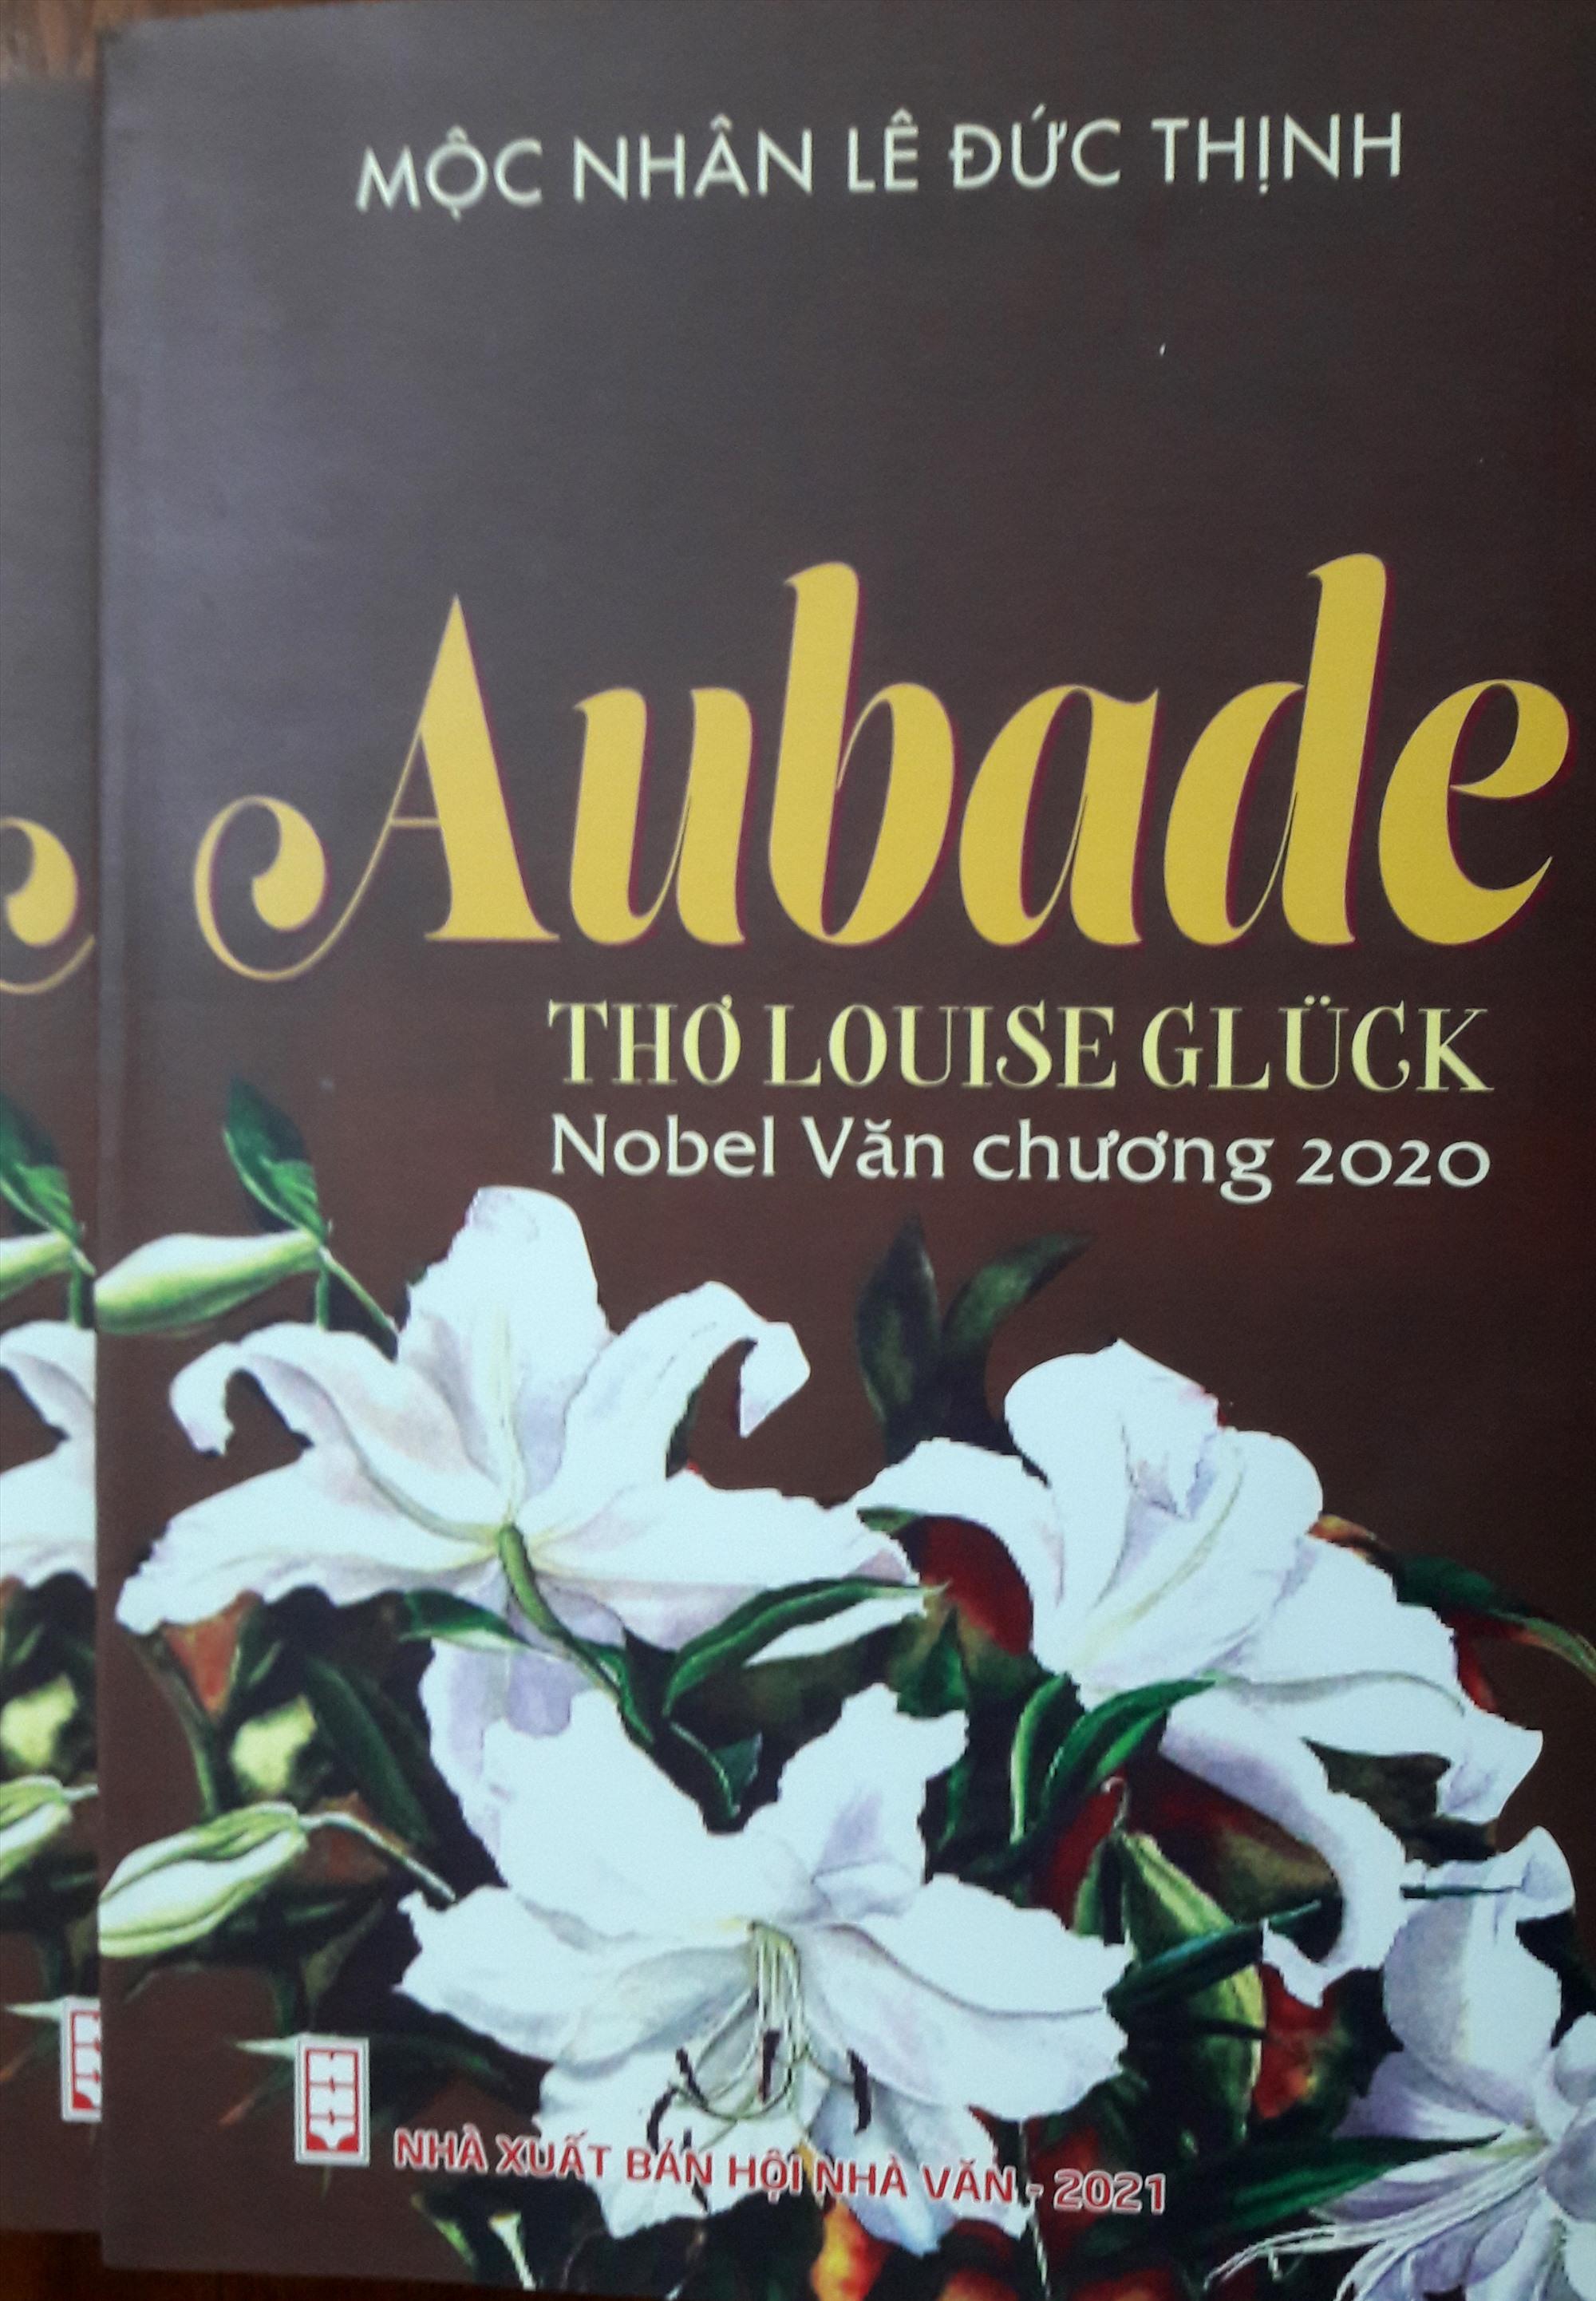 """Bìa tập sách """"AUBADE - Thơ Louise Glück - Nobel Văn chương 2020""""."""